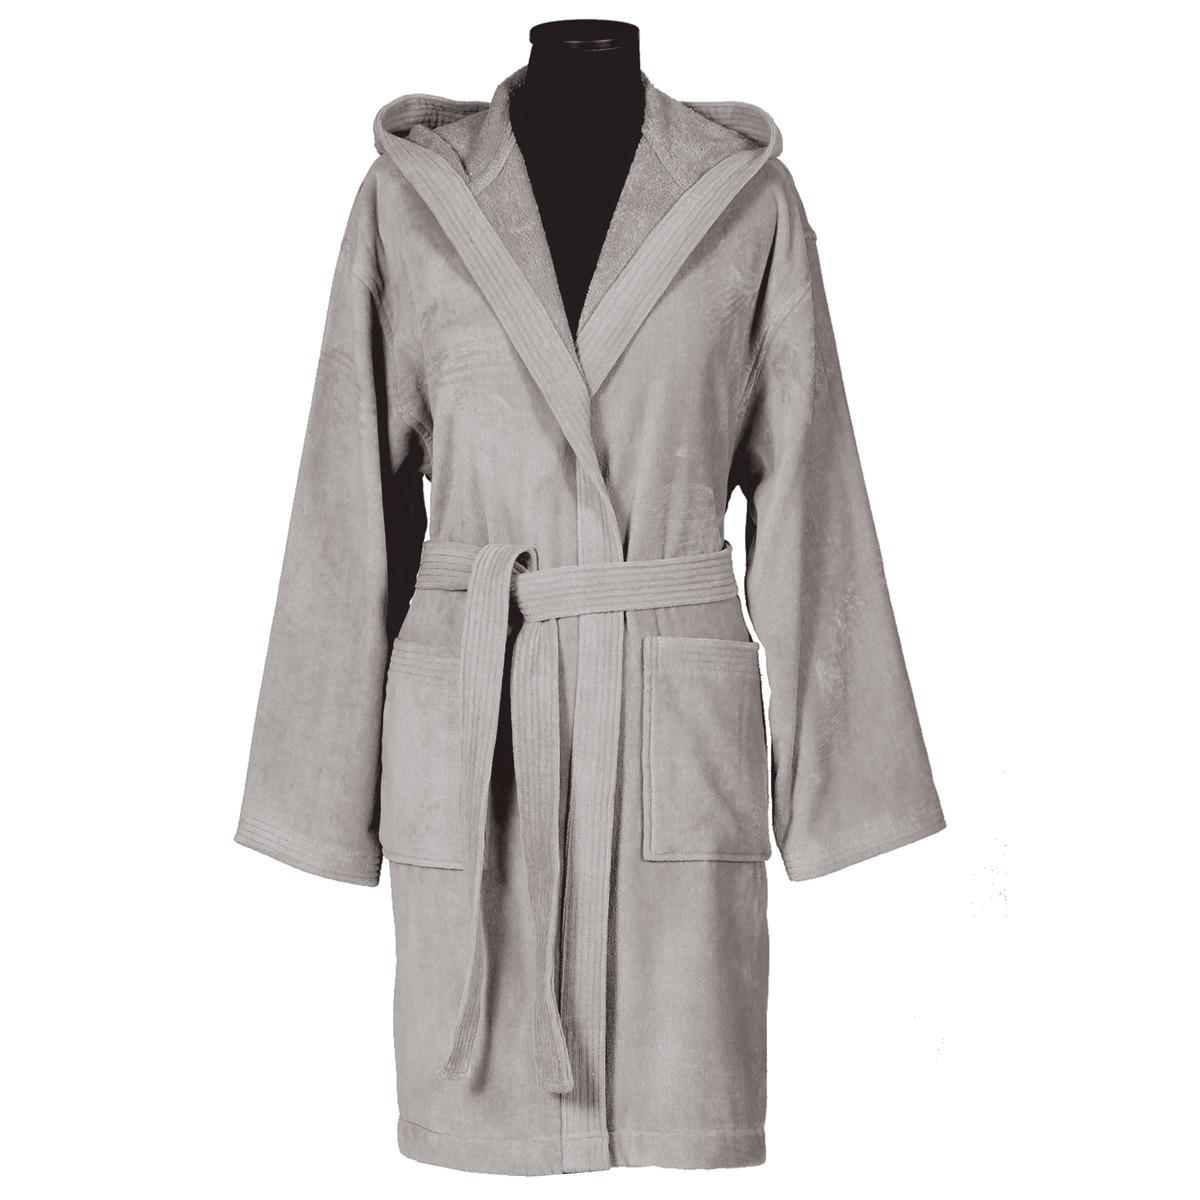 Μπουρνούζι Μίνι Nef-Nef Style Grey SMALL SMALL